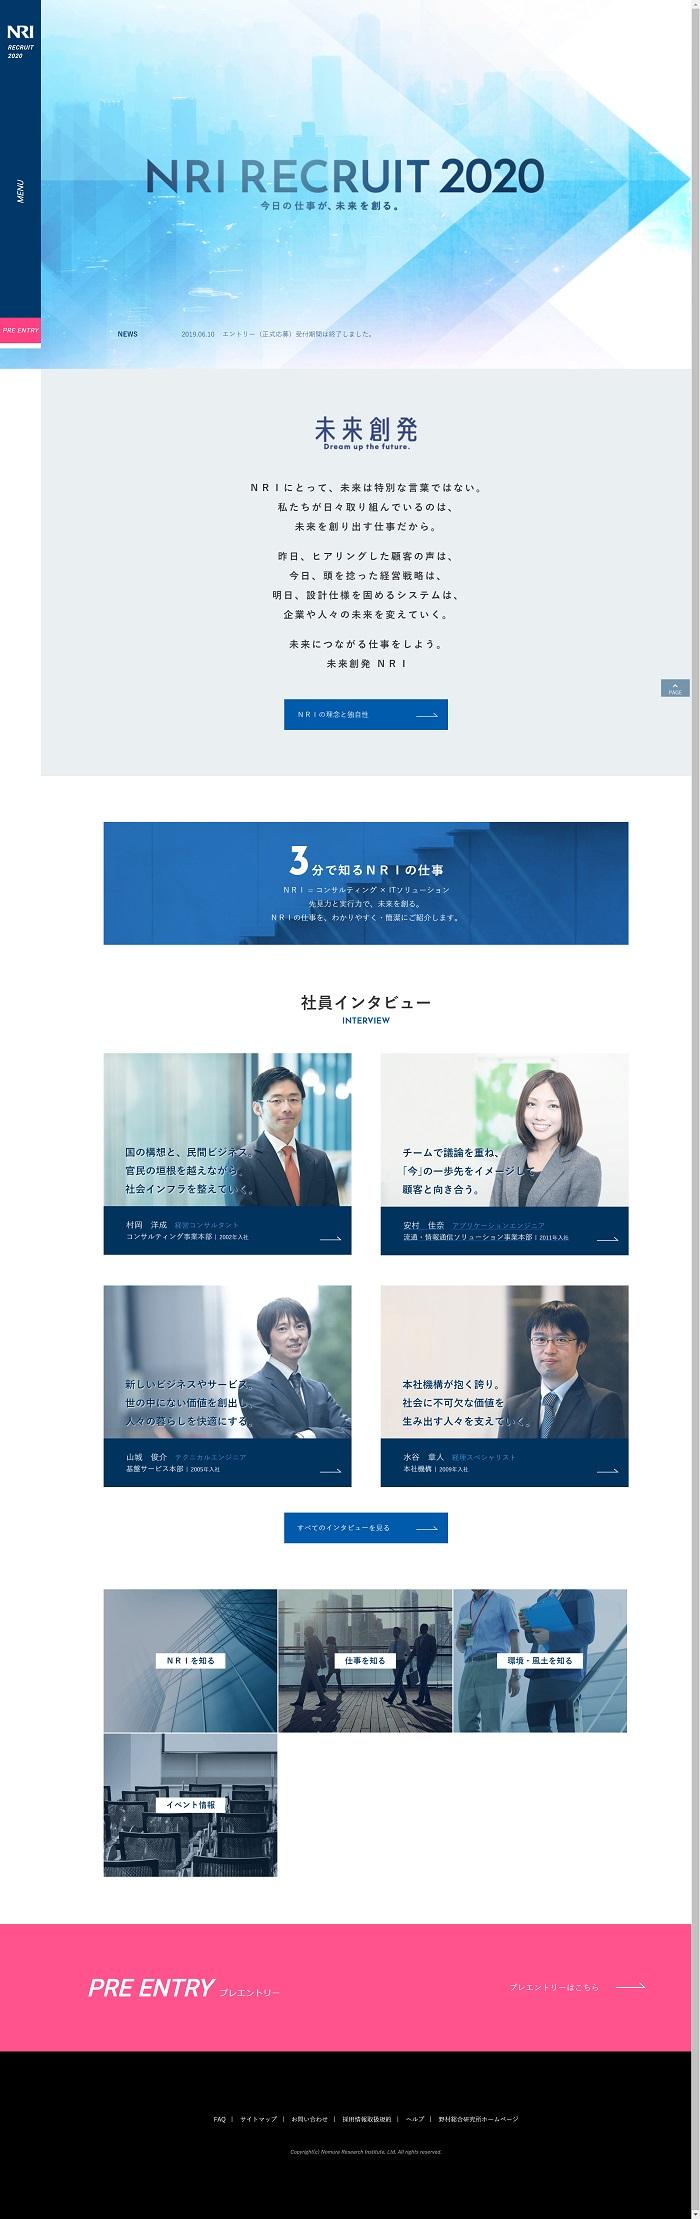 野村総合研究所(NRI) 新卒採用ホームページ